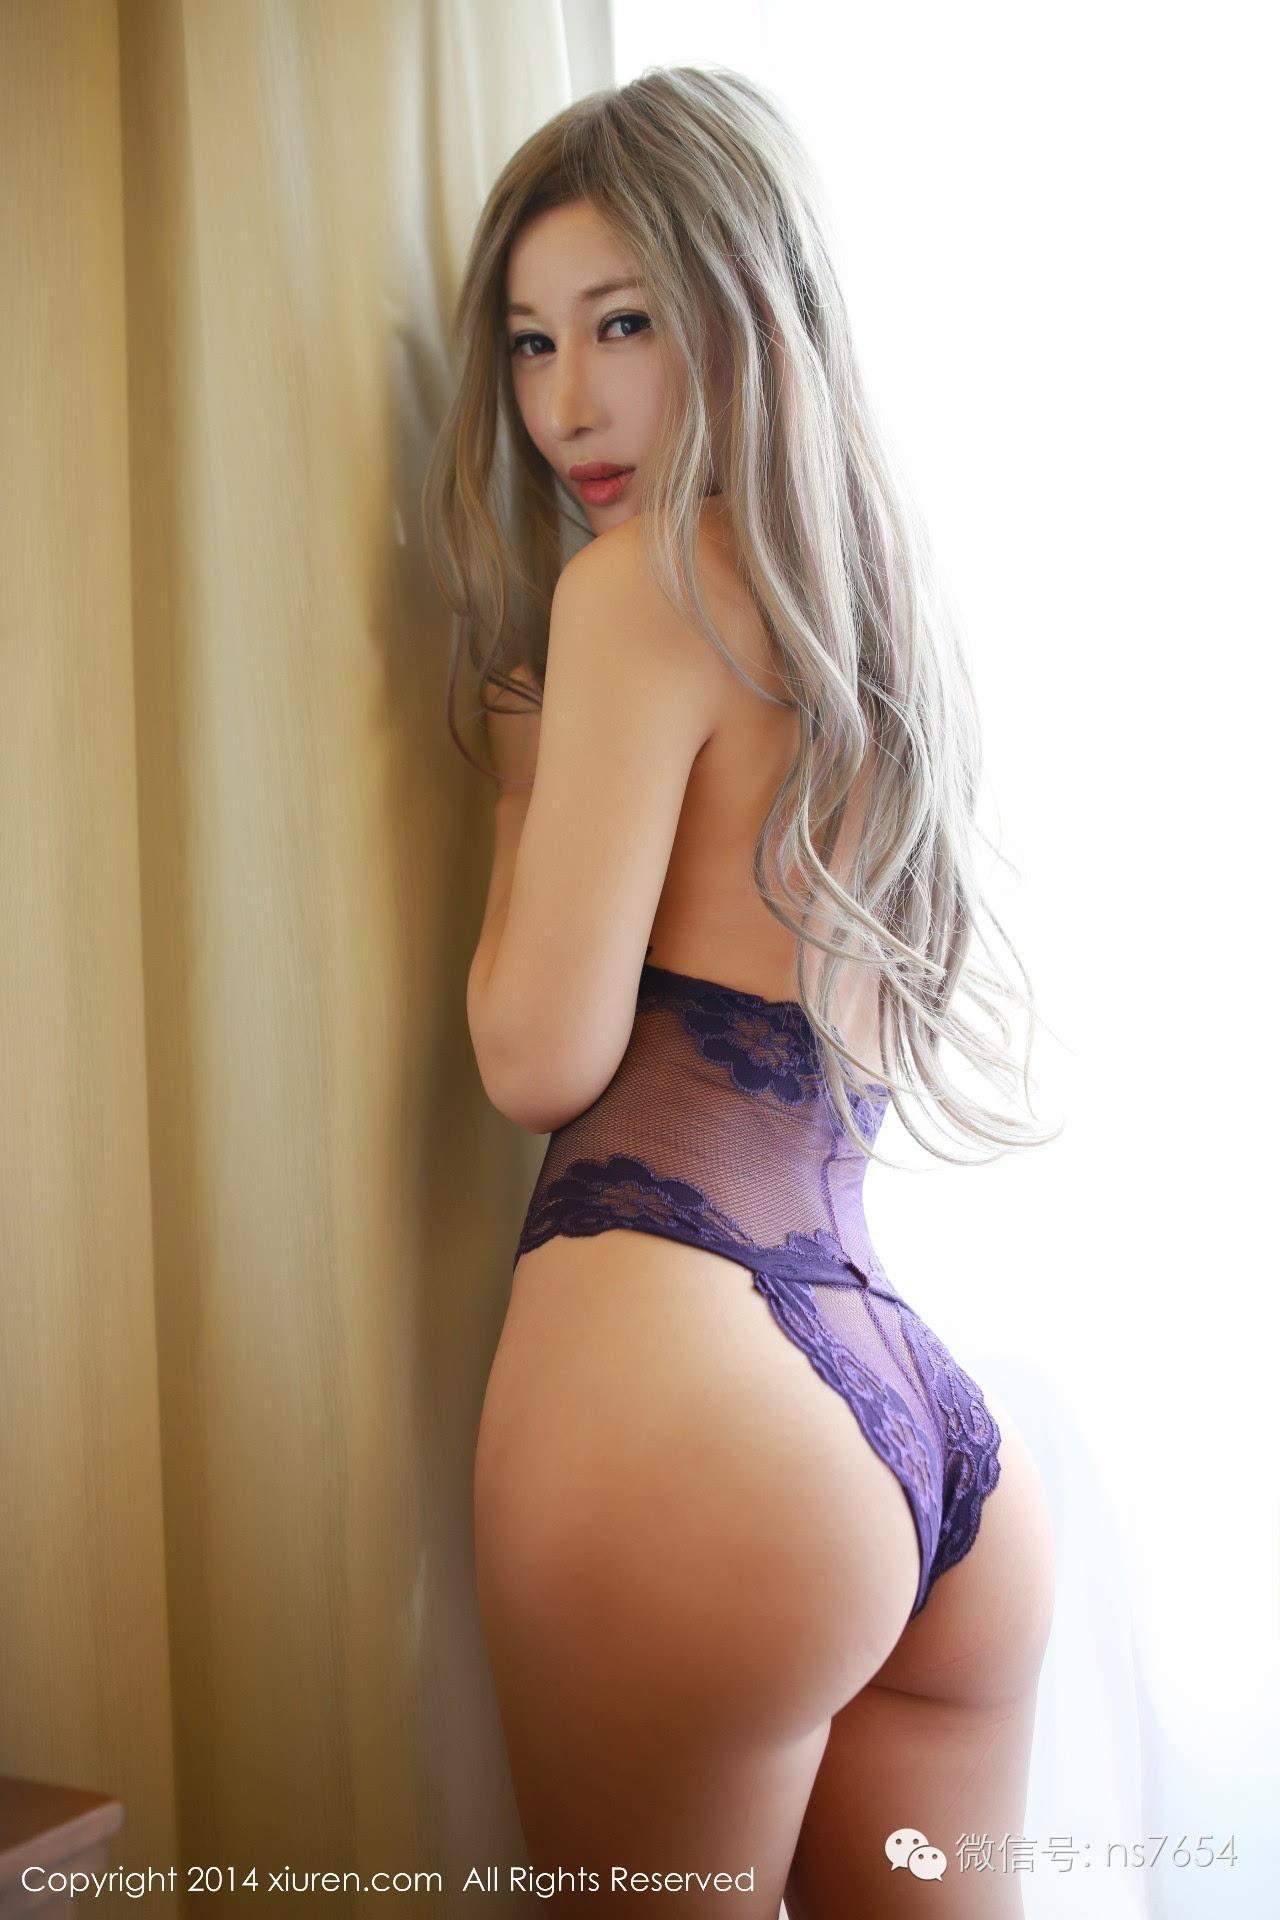 幸运二八怎么下载-苹果版 【ybvip4187.com】-华南-广东省-广州